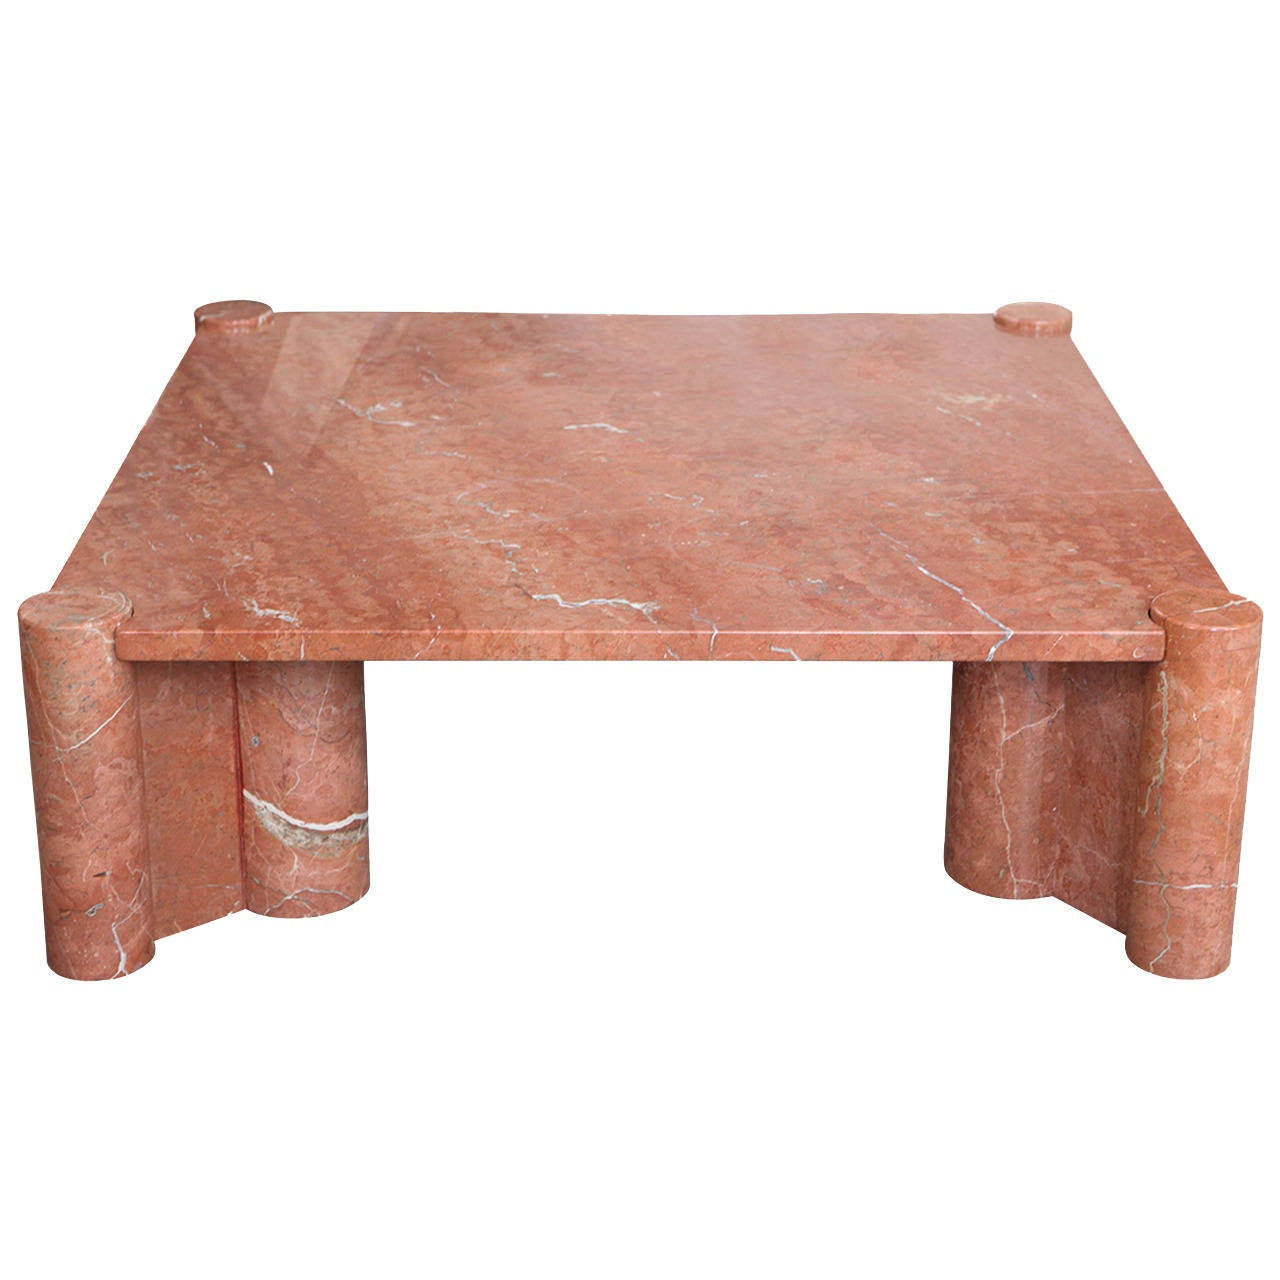 Gae Aulenti Jumbo Coffee Table